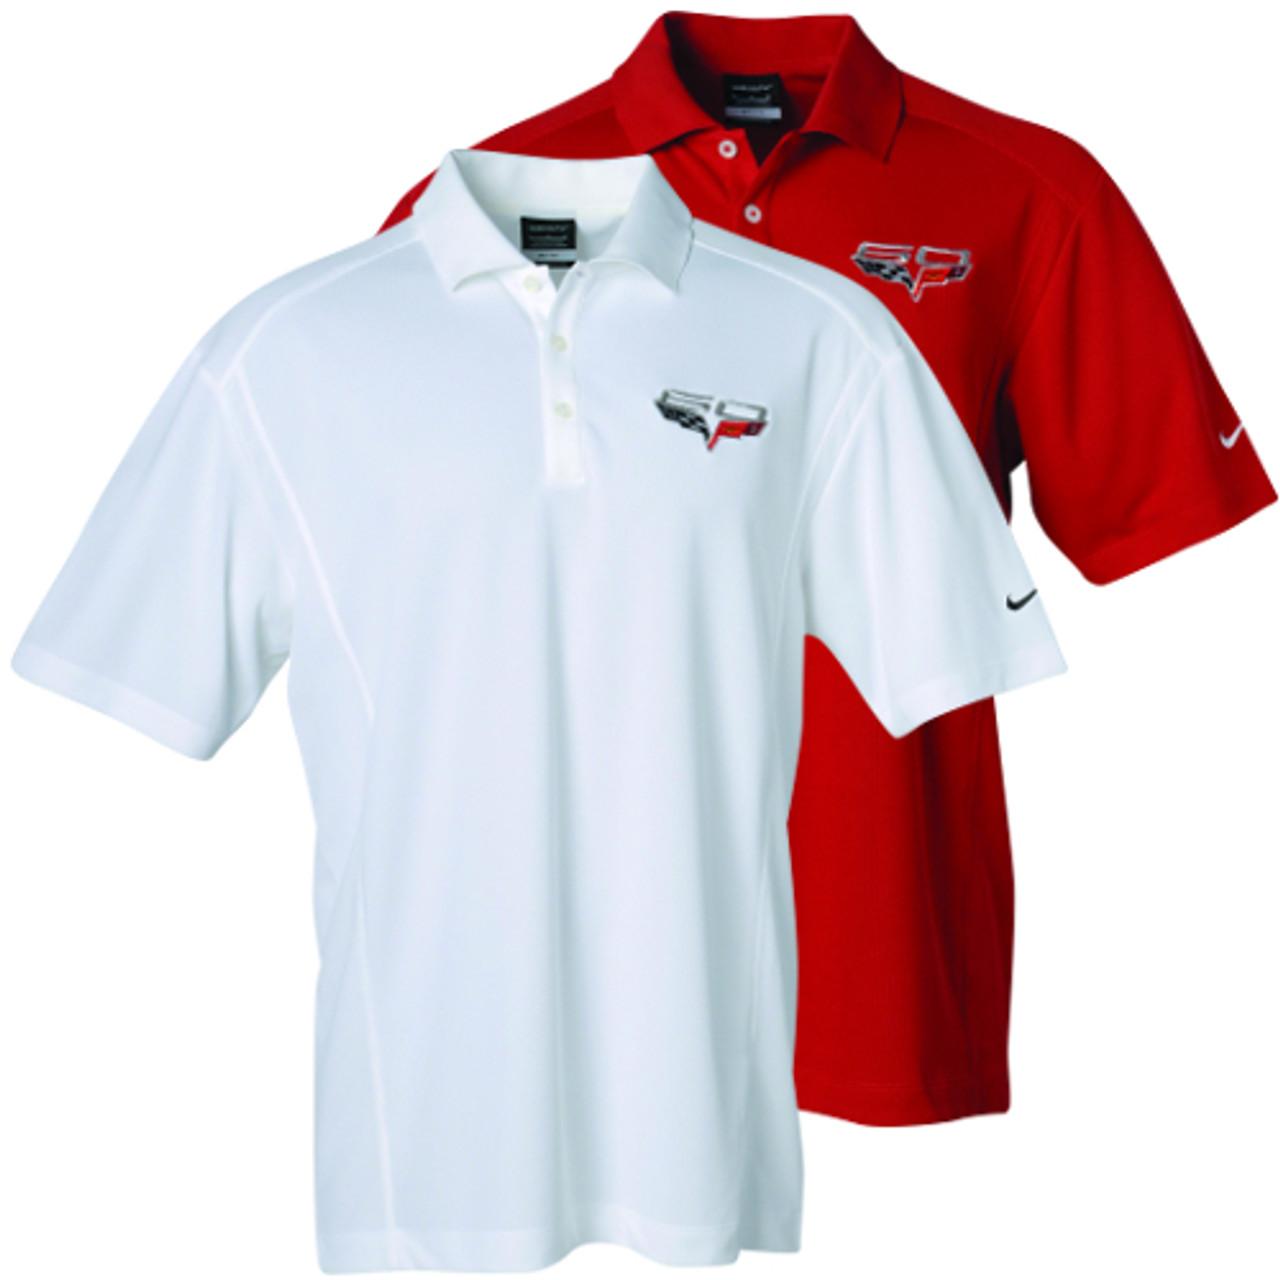 C6 Corvette 60th Anniv. Polo Shirt